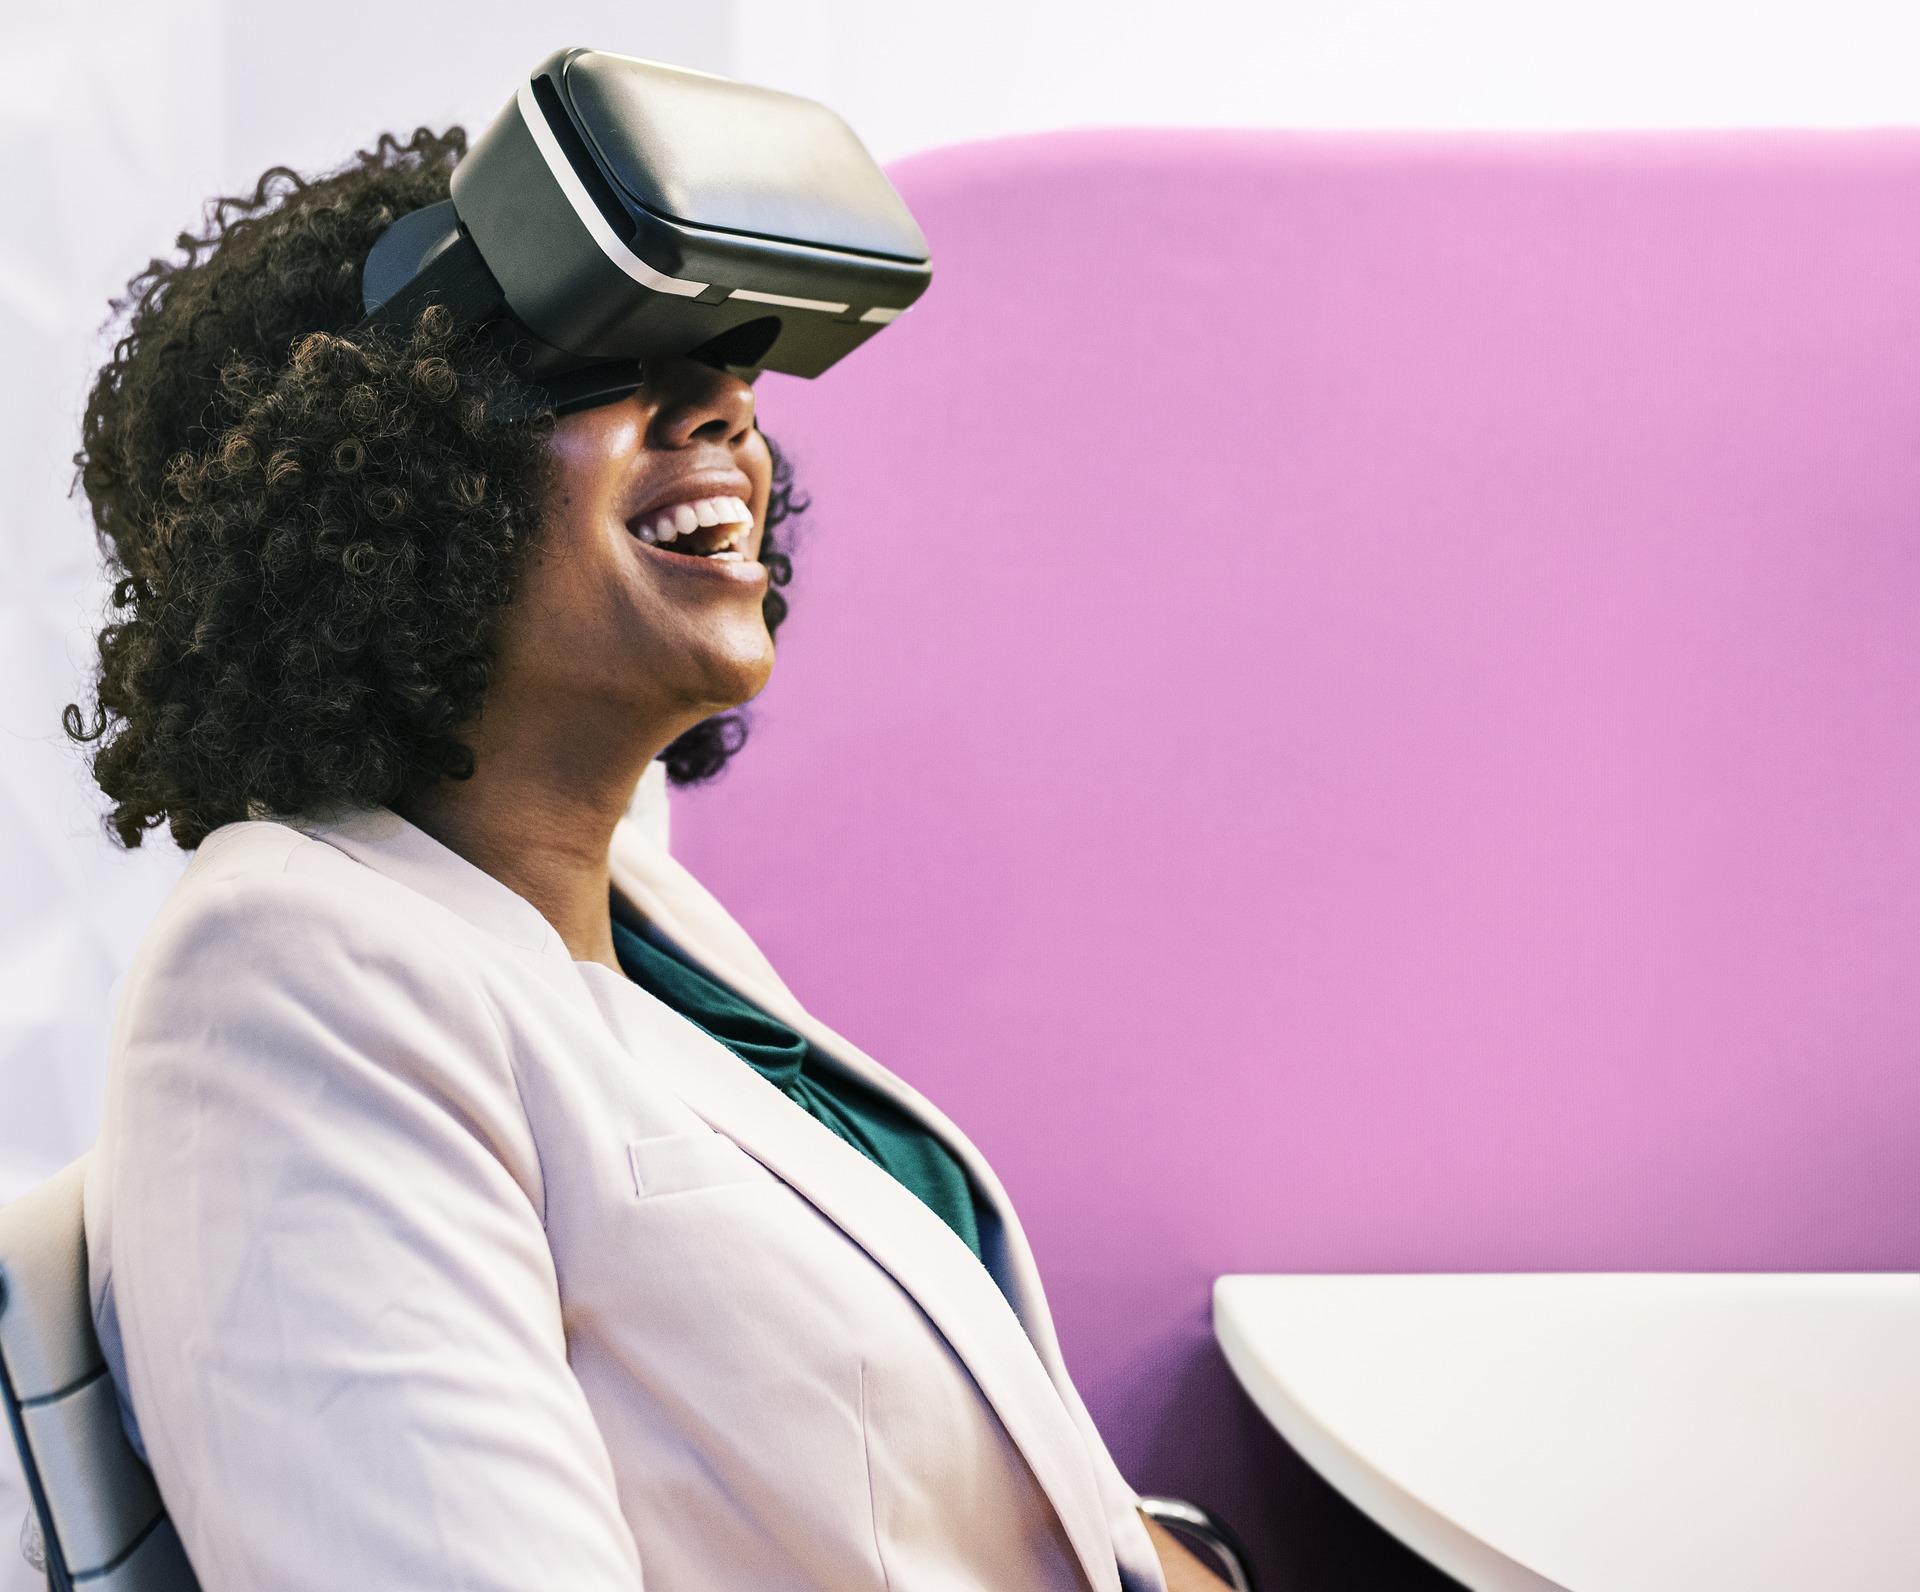 Realidad Virtual y Real Estate 14 | Virtual Reality and Real Estate 14